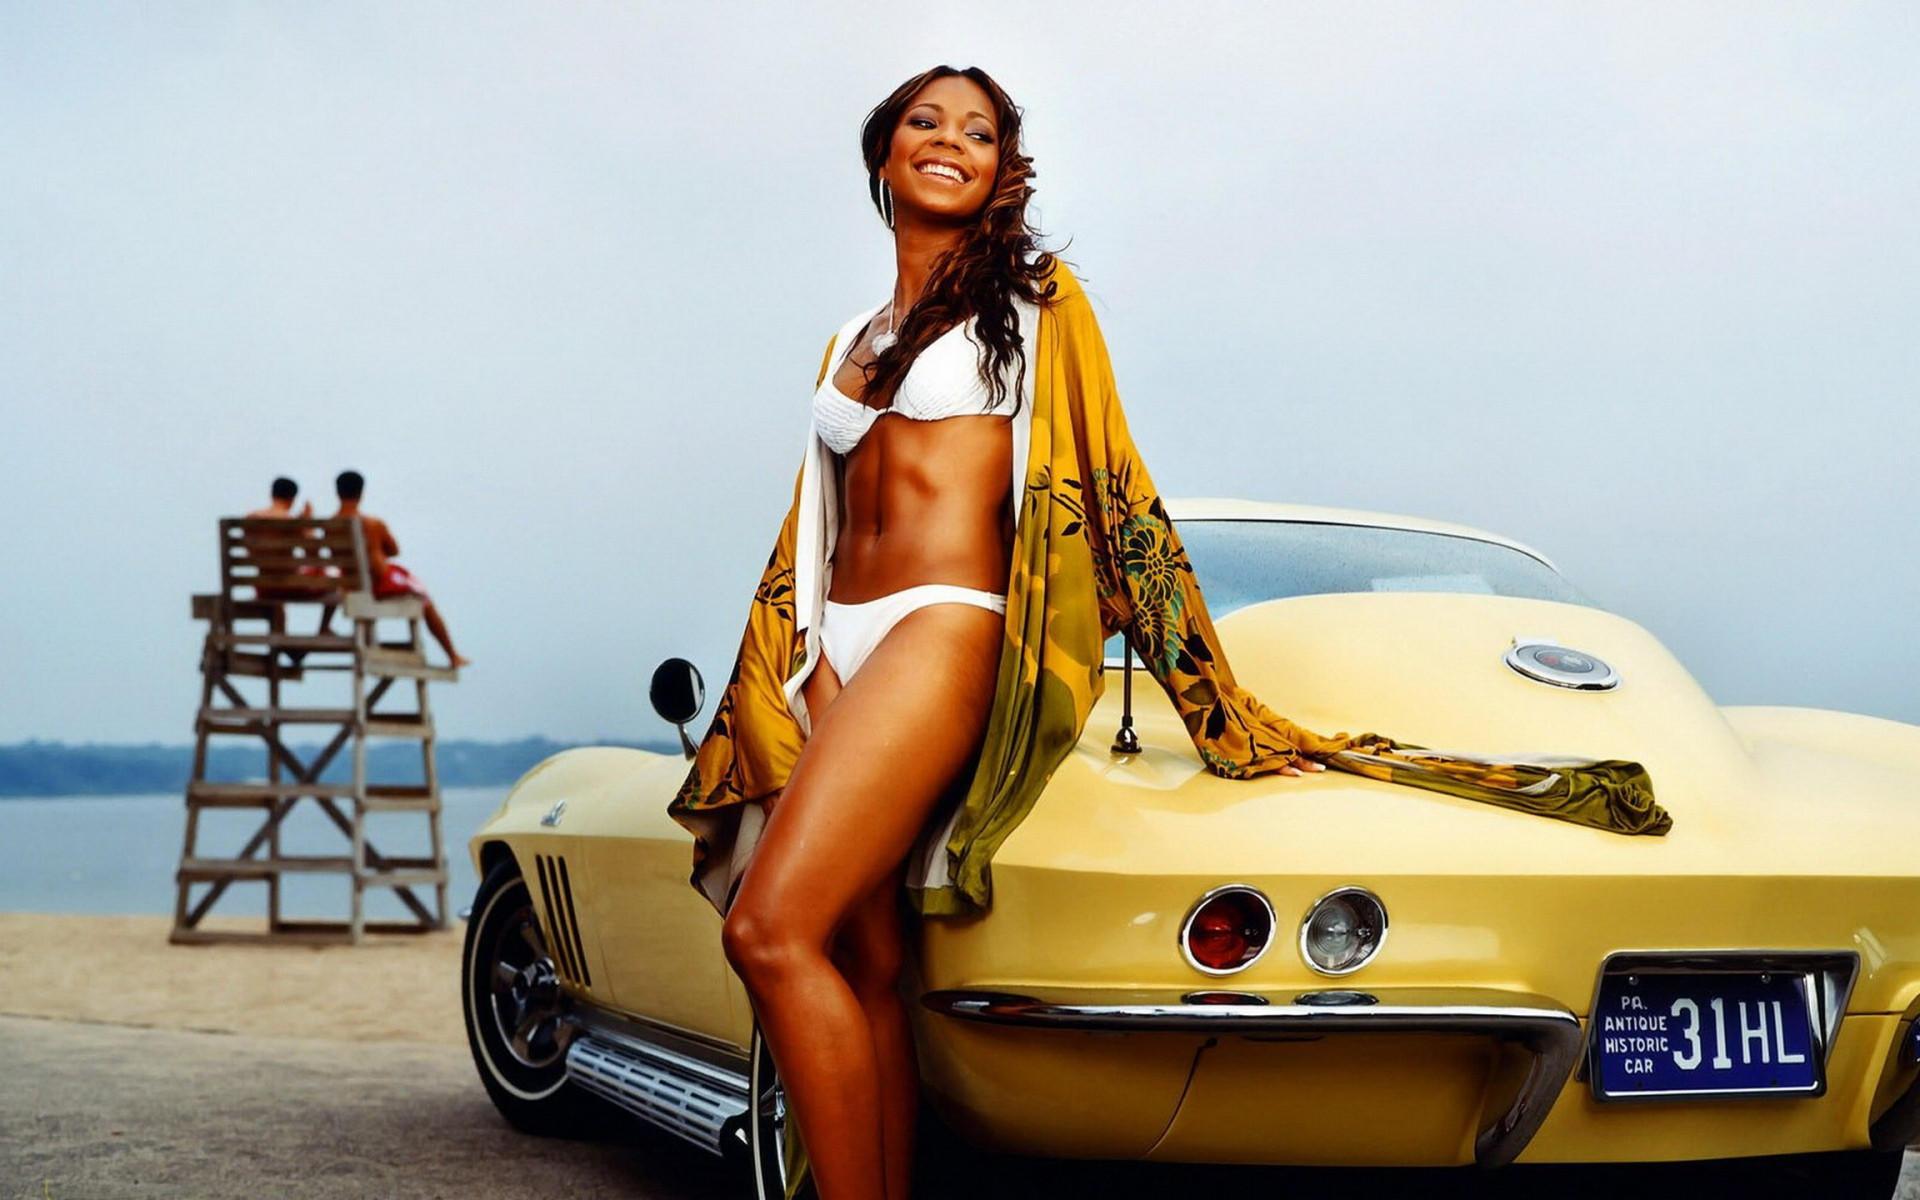 рукой держу авто и девушки на пляже тоже